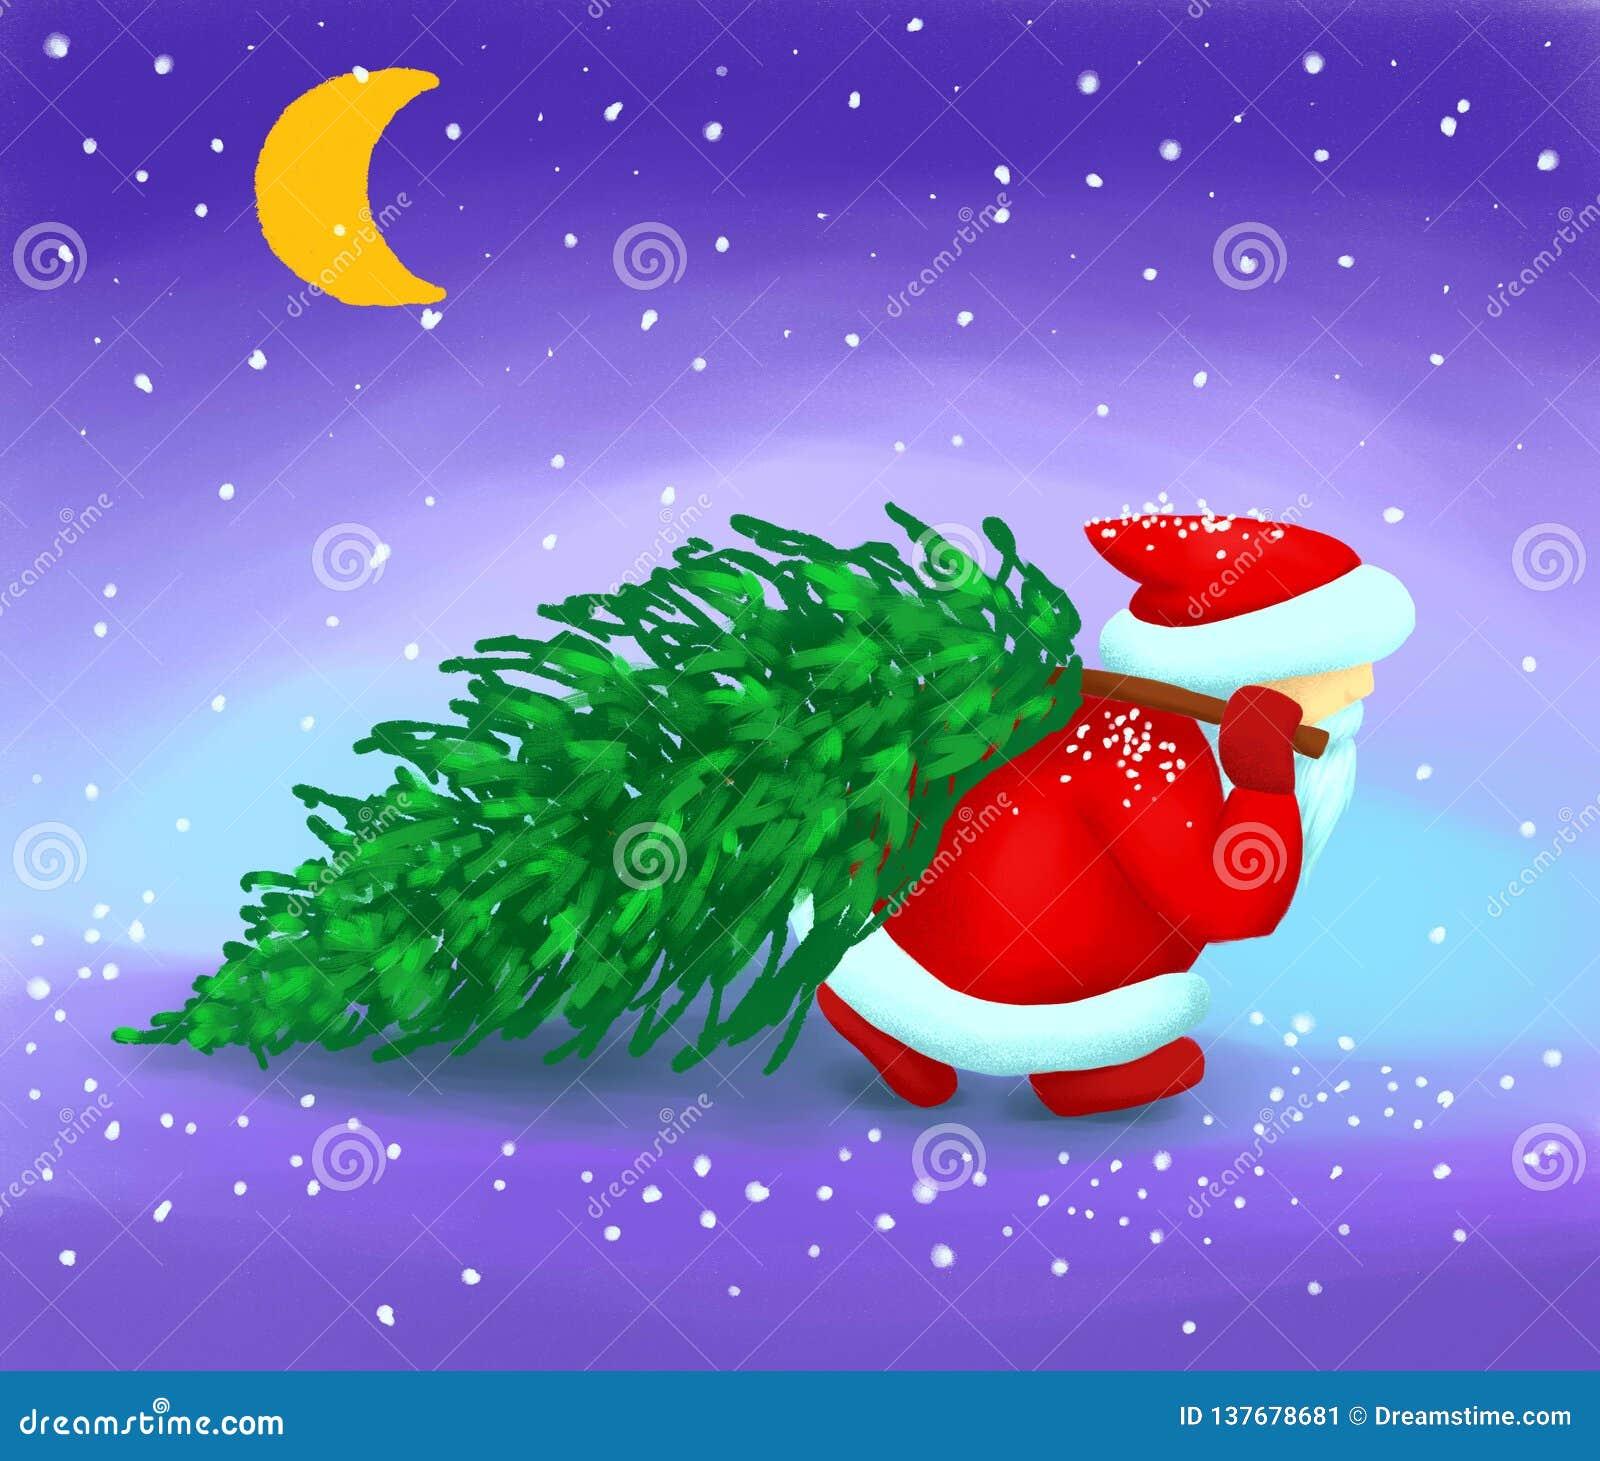 Santa Claus trägt einen Weihnachtsbaum im Schnee